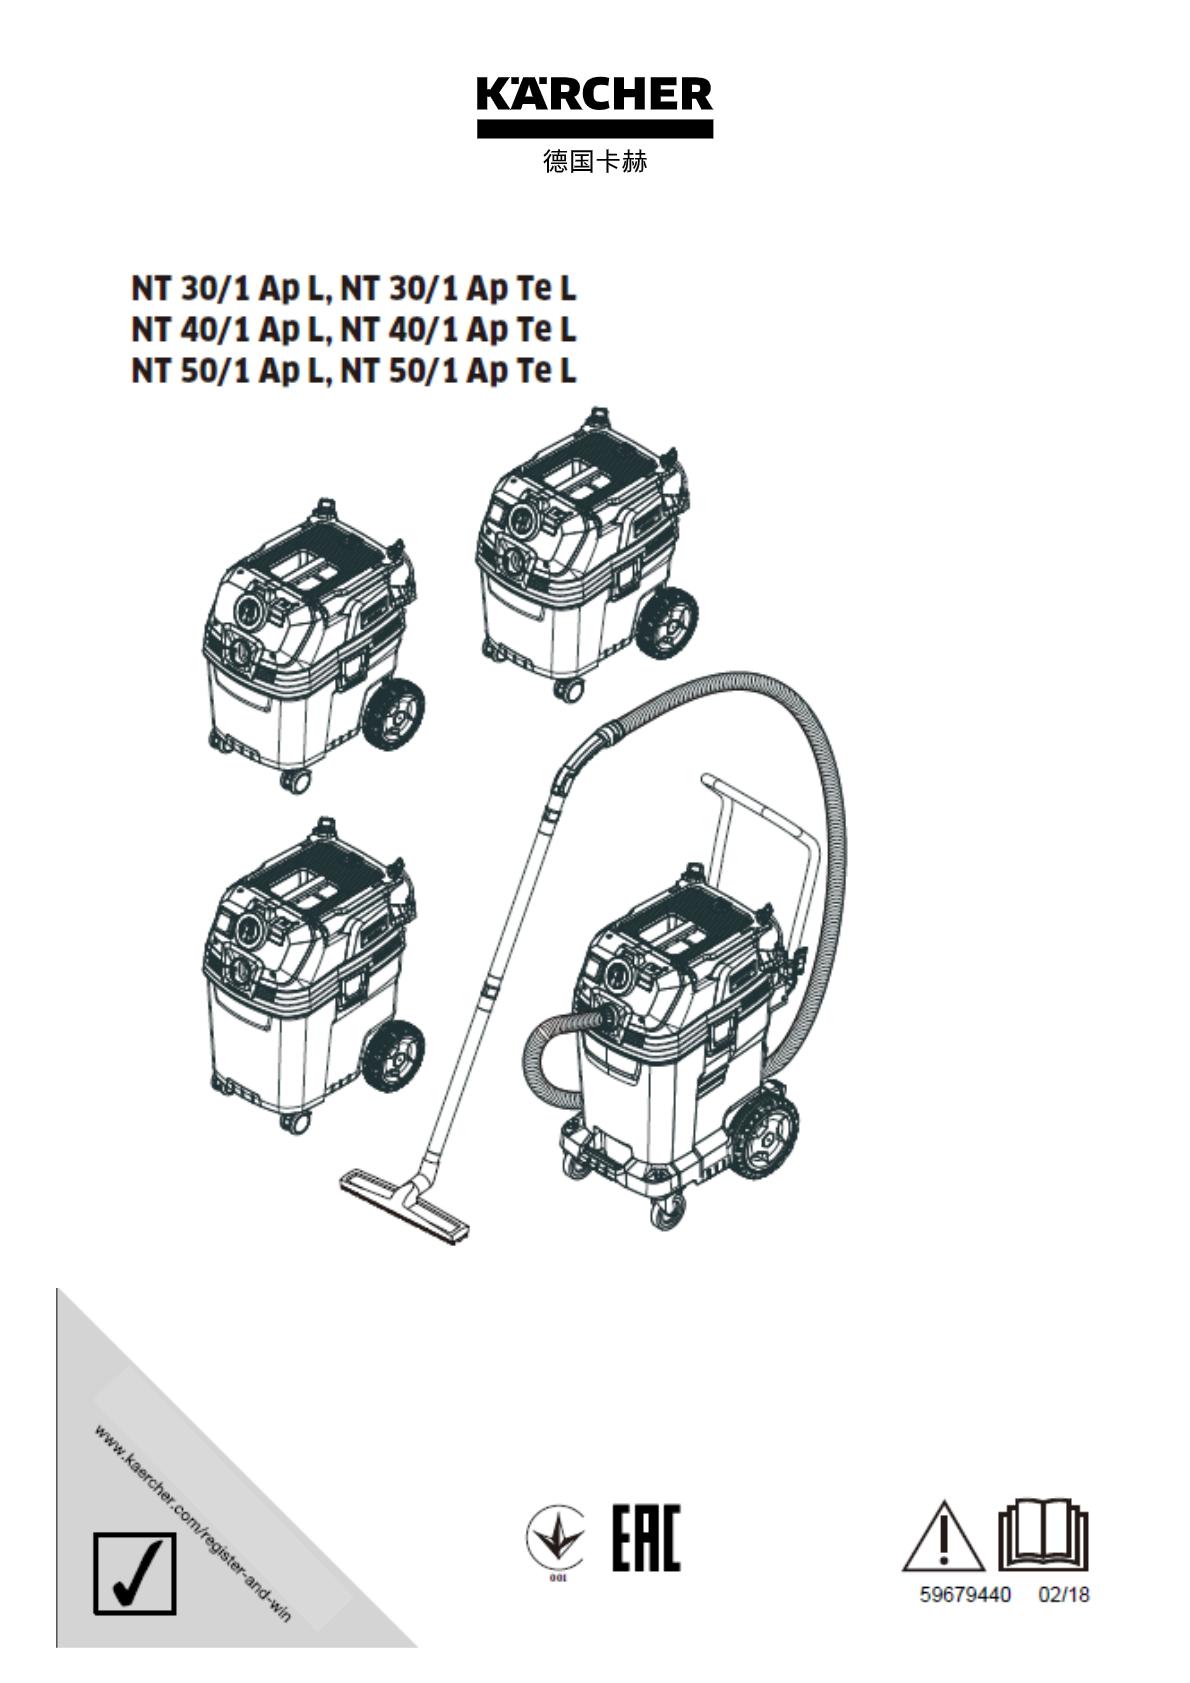 干湿两用吸尘器NT 30/1 Ap L 说明书说明书下载